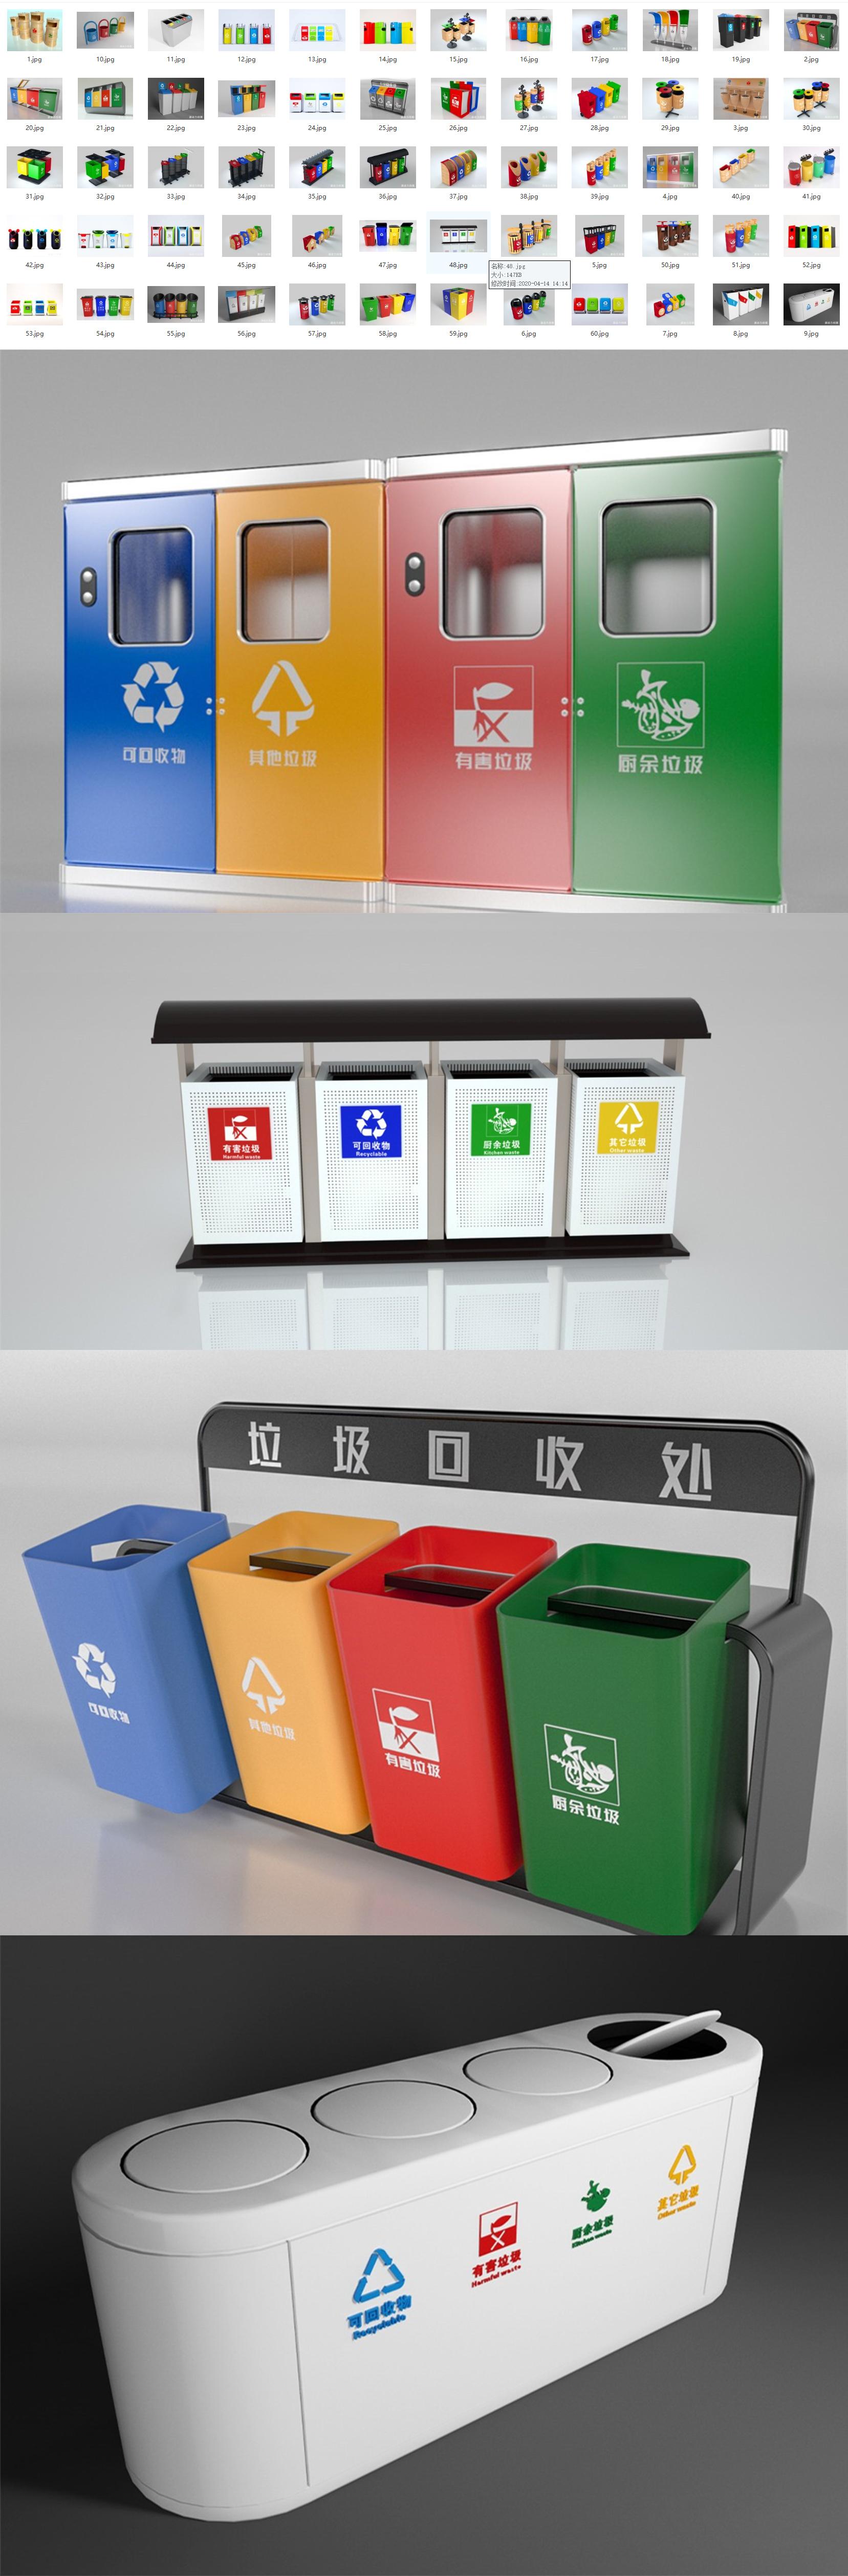 垃圾分类-60款垃圾桶造型C4D设计设计酷COOK-设计酷-设计酷COOK-这设计很酷COOL